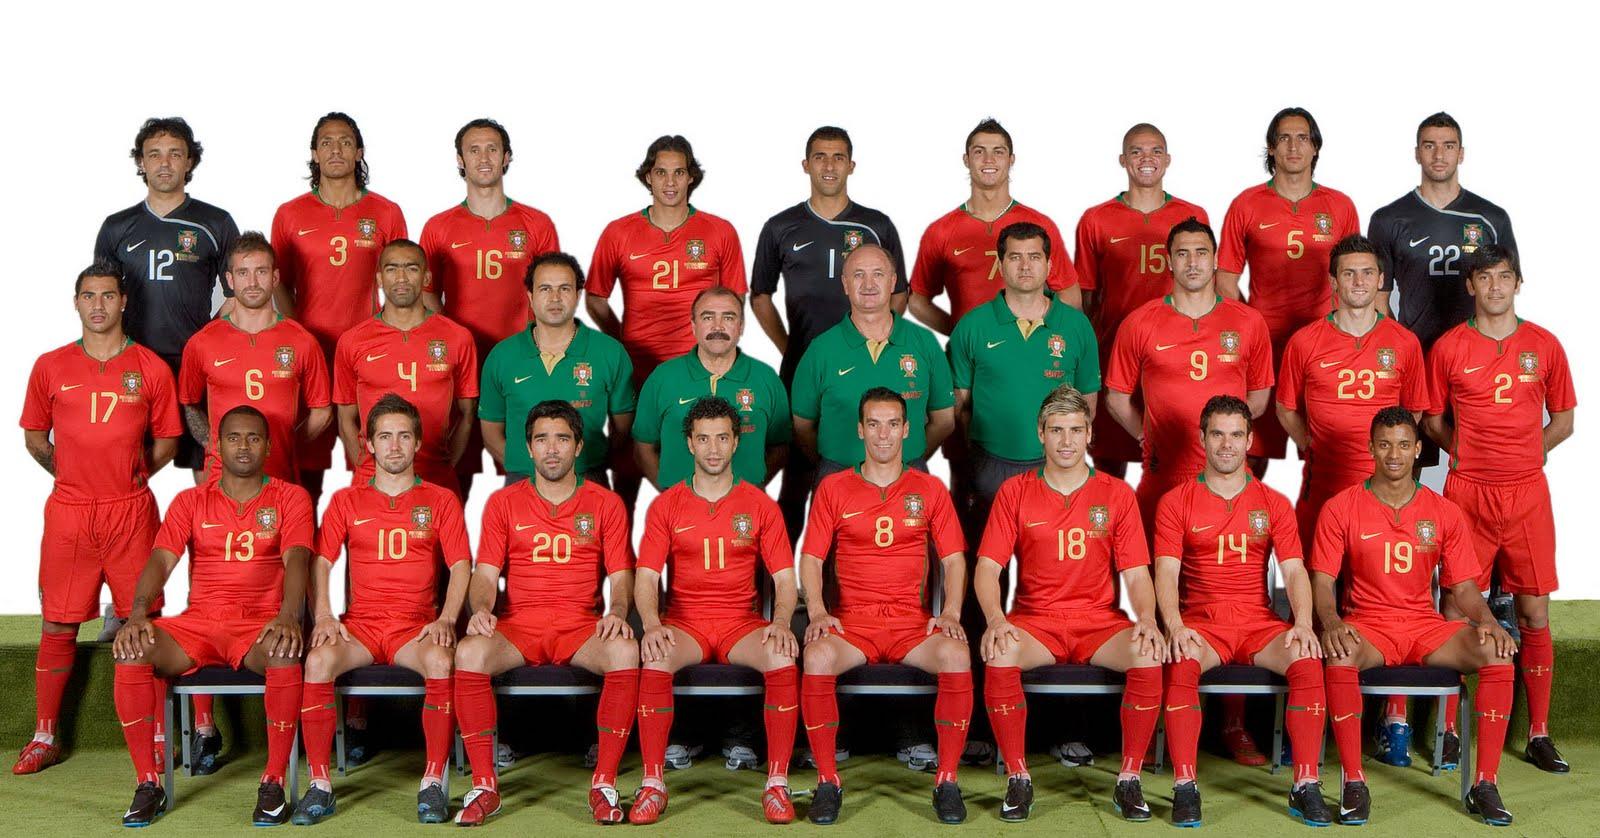 Hilo de la selección de Portugal Selec%C3%A7%C3%A3o+antiga